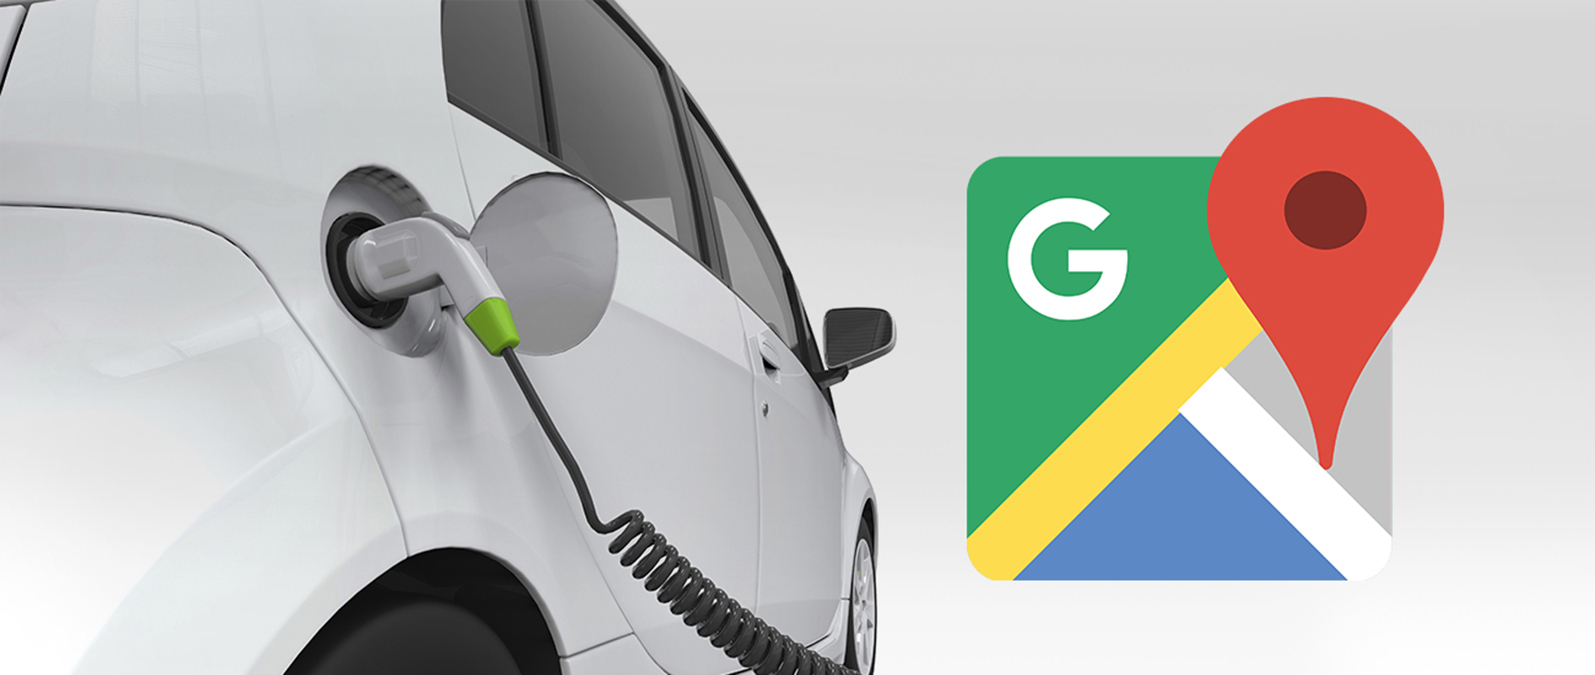 Google Mapy zřejmě nabídnou placení u nabíjecích stanic [aktualizováno]